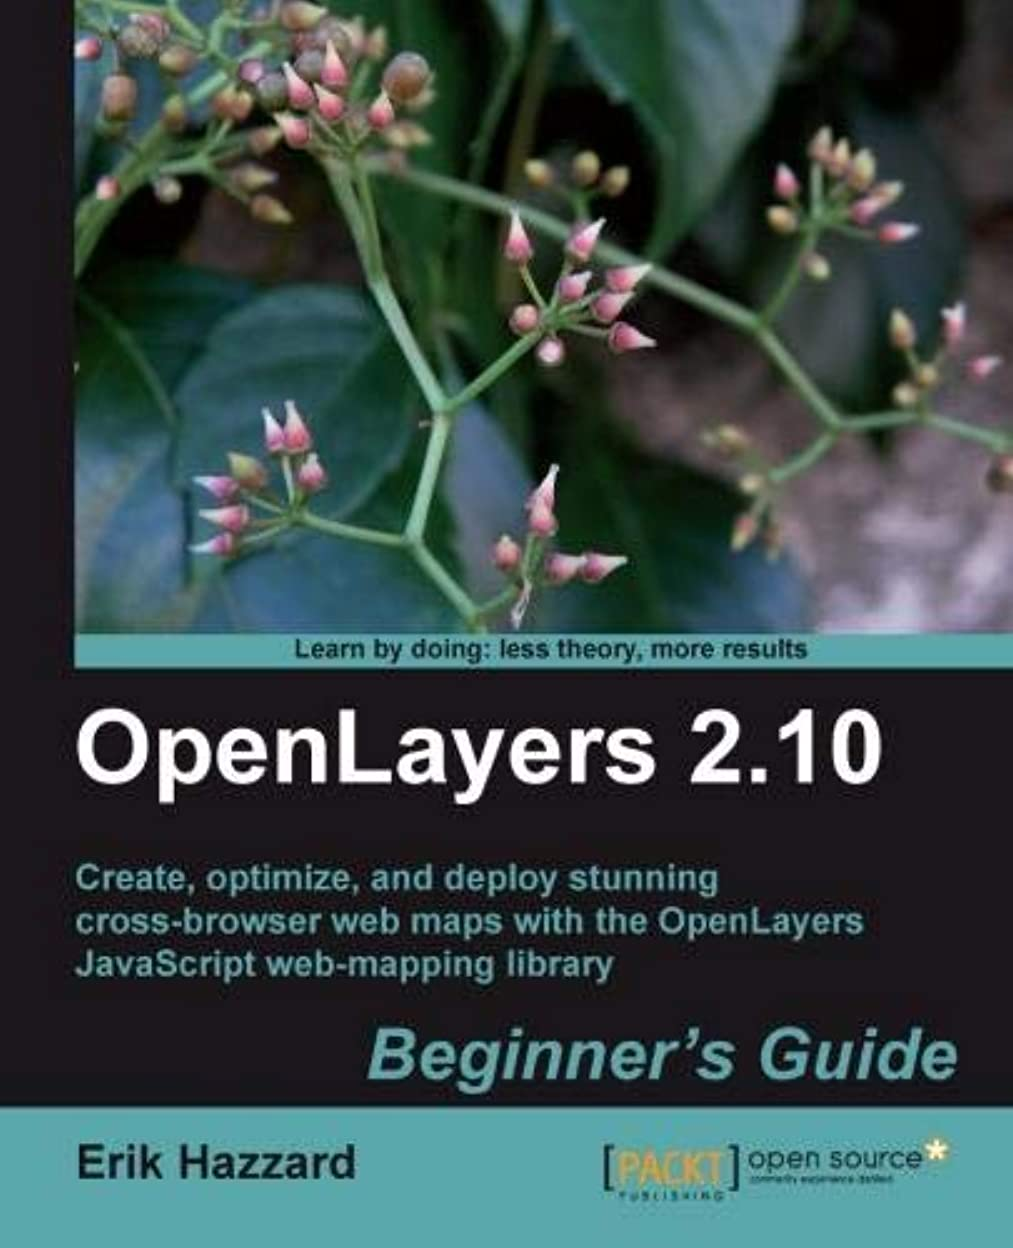 派生するフェデレーション便益OpenLayers 2.10: Beginner's Guide: Create, Optimize, and Deploy Stunning Cross-Browser Web Maps with OpenLayers JavaScript Web-Mapping Library